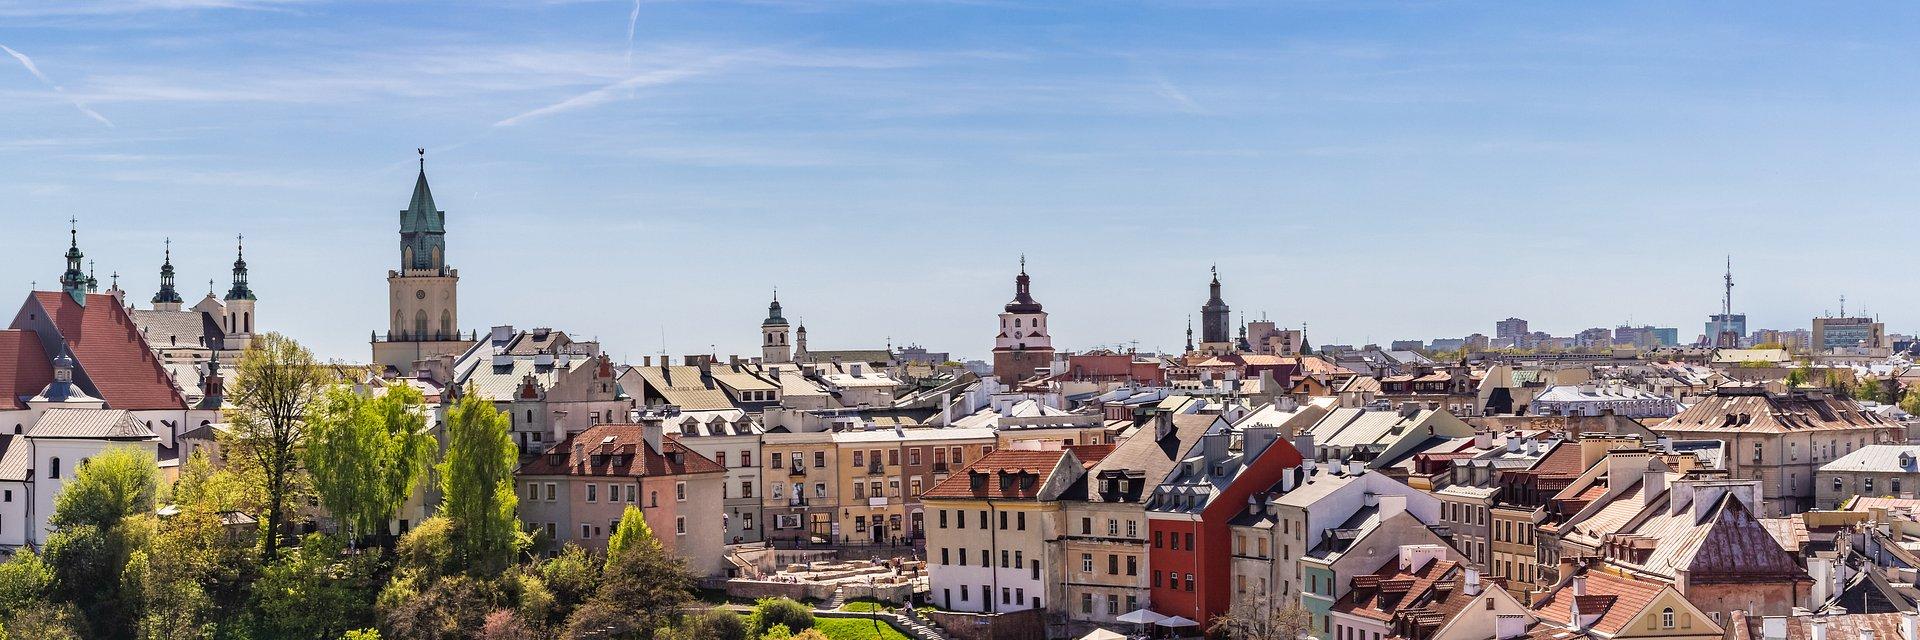 Potrzebujesz pracowników i biura? Wybierz Lublin